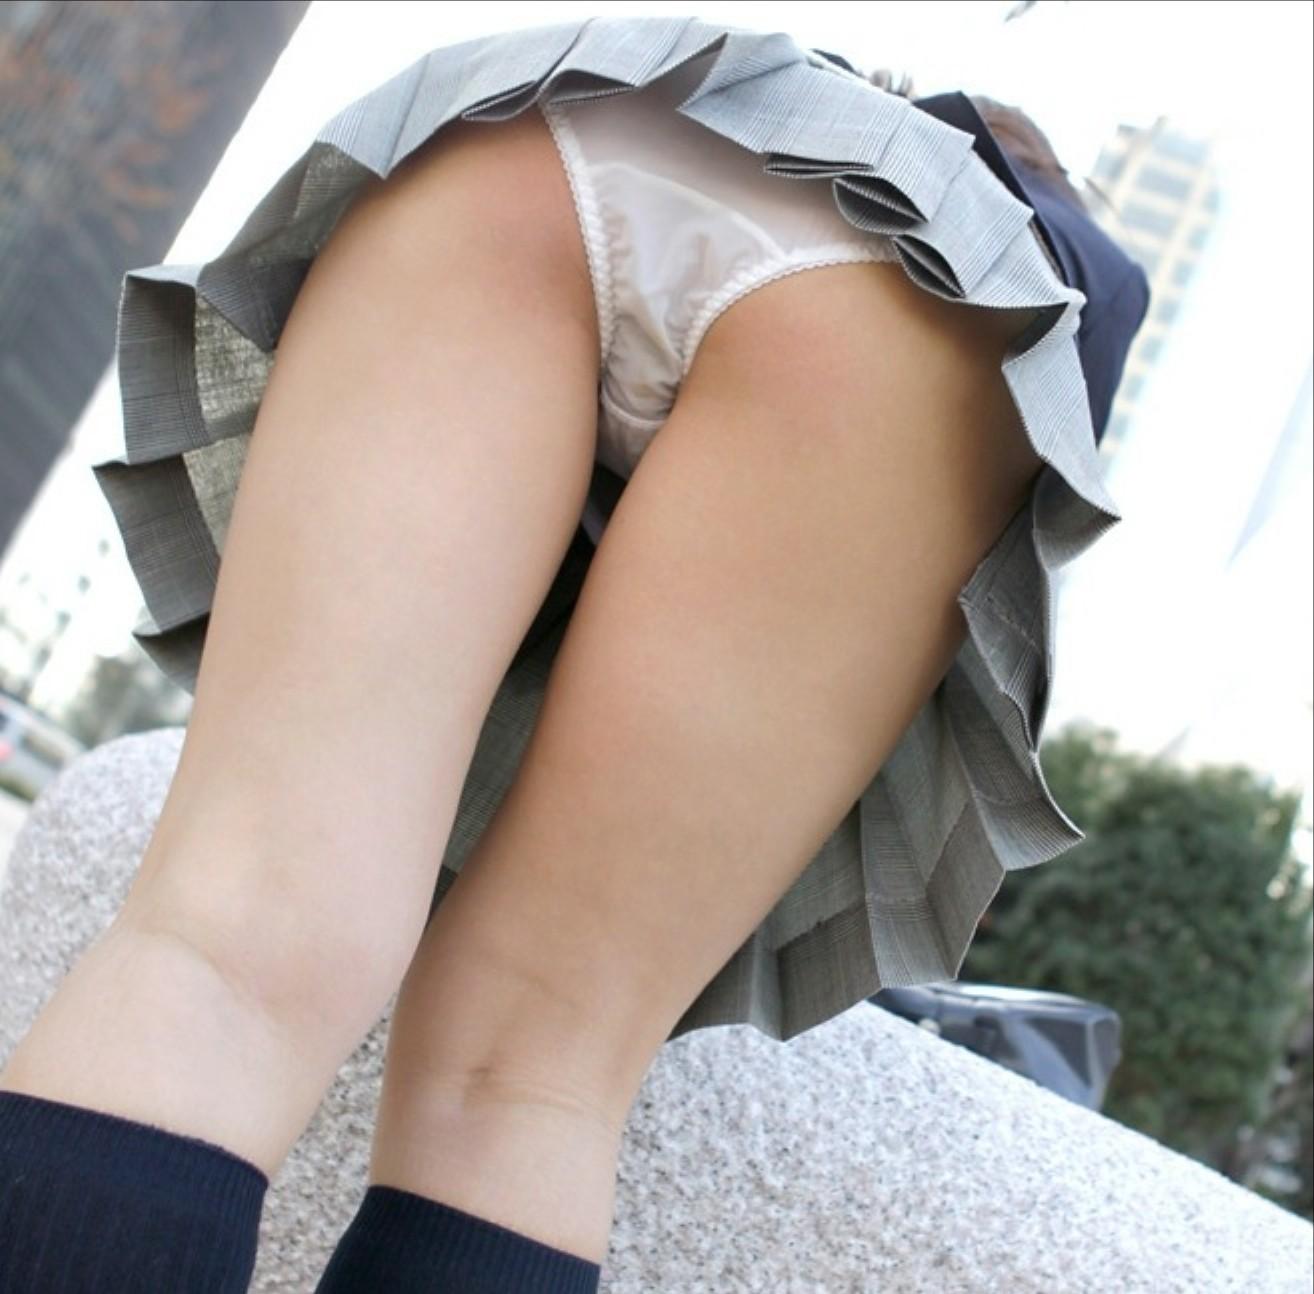 【パンチラエロ画像】制服のミニから見えた背徳感漂う綺麗な下着!(;^ω^)